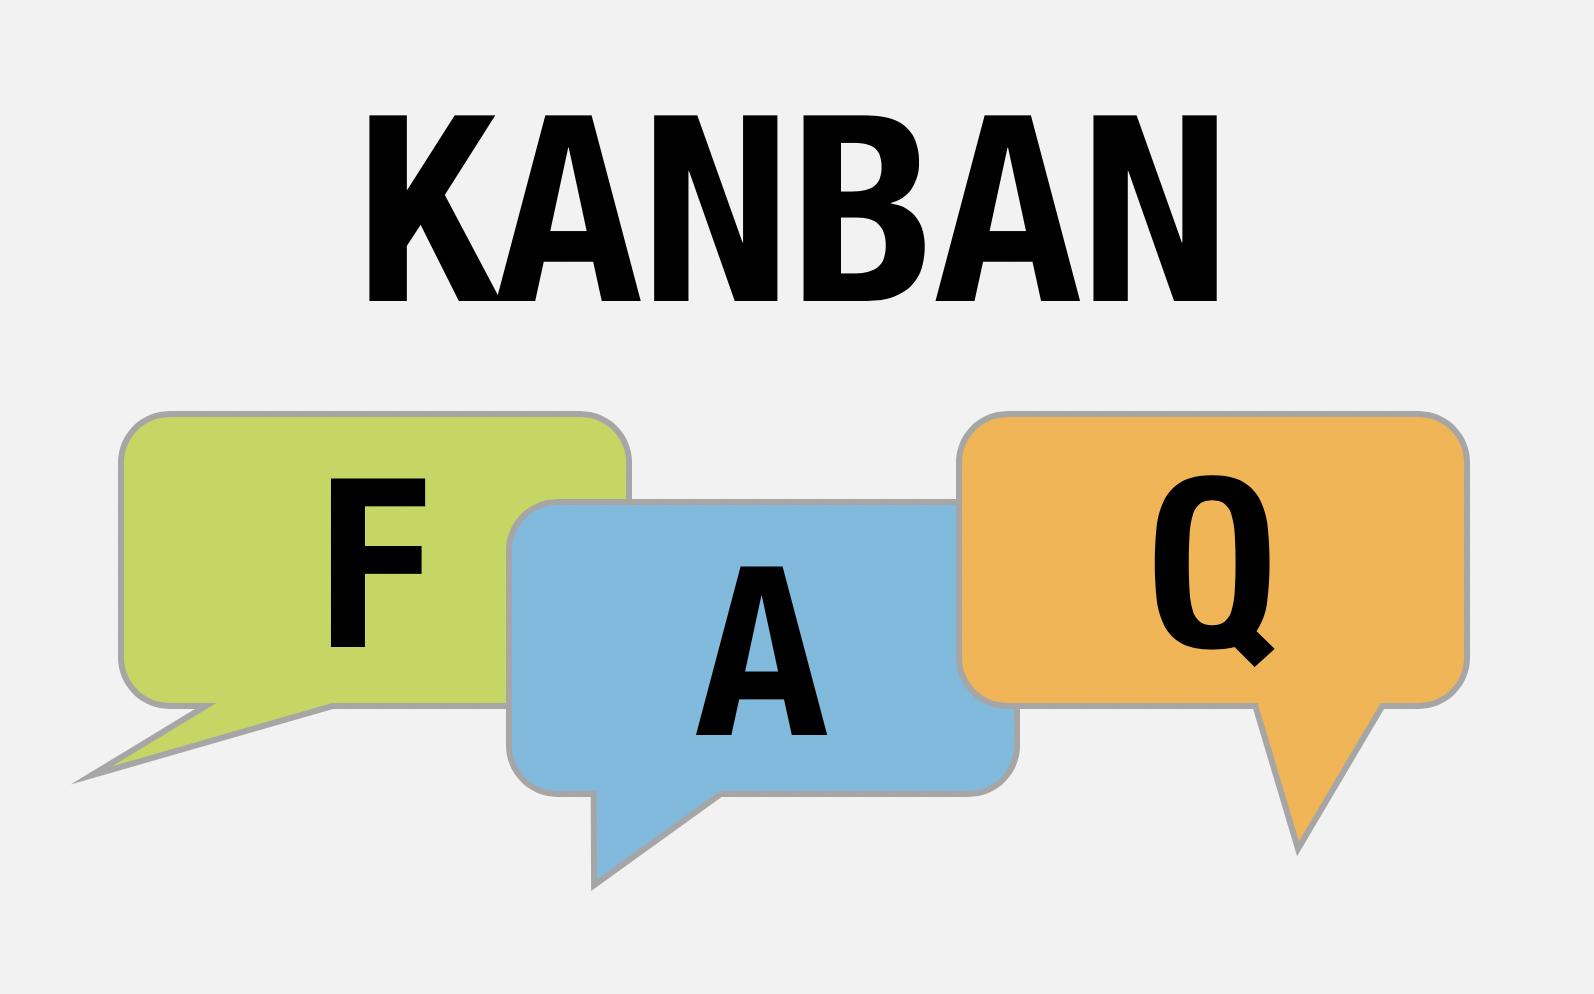 Kanban FAQ